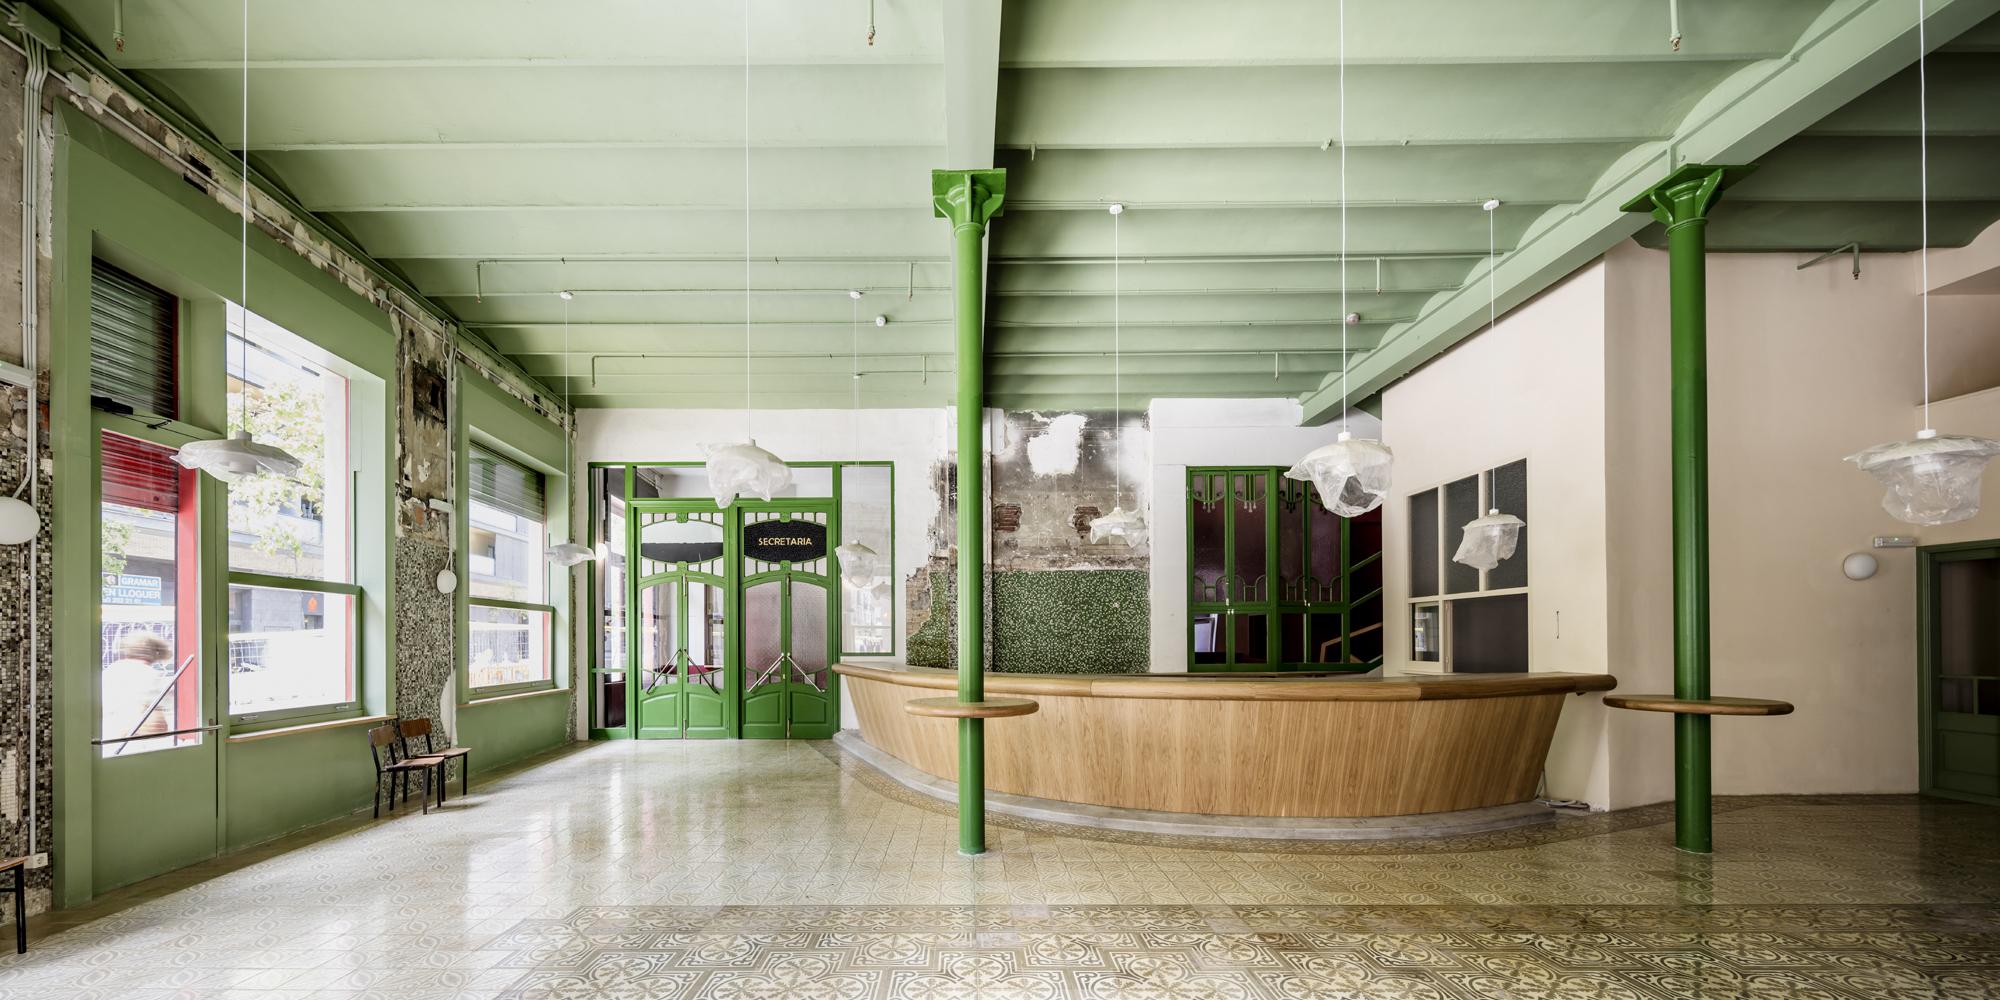 Industrial y colorista: Así es la nueva sala Beckett 2